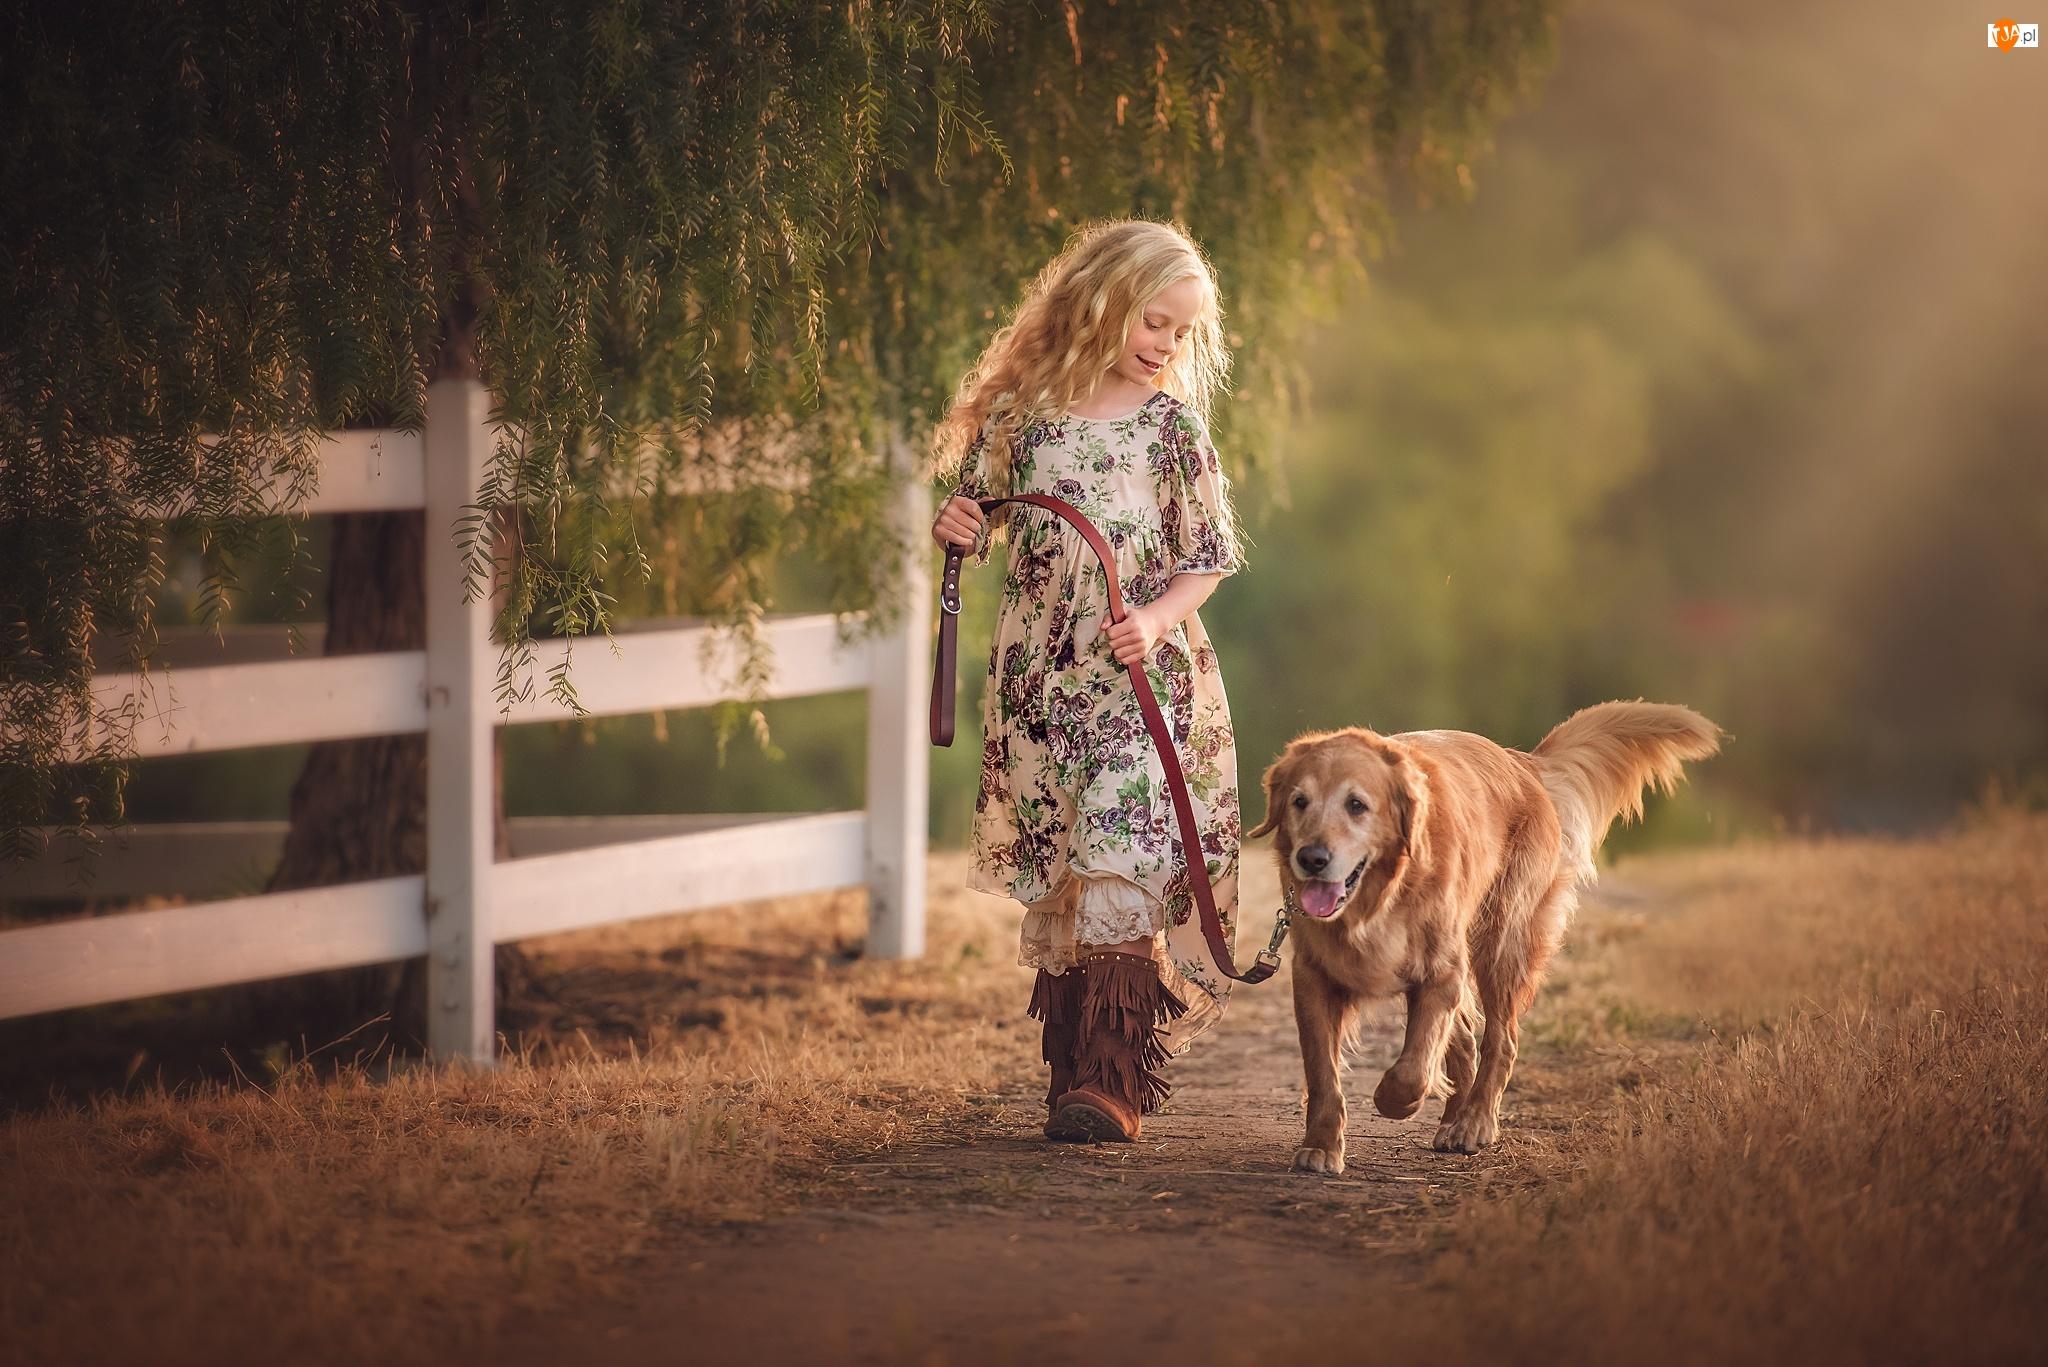 Golden retriever, Dziewczynka, Płot, Drzewo, Spacer, Ścieżka, Pies